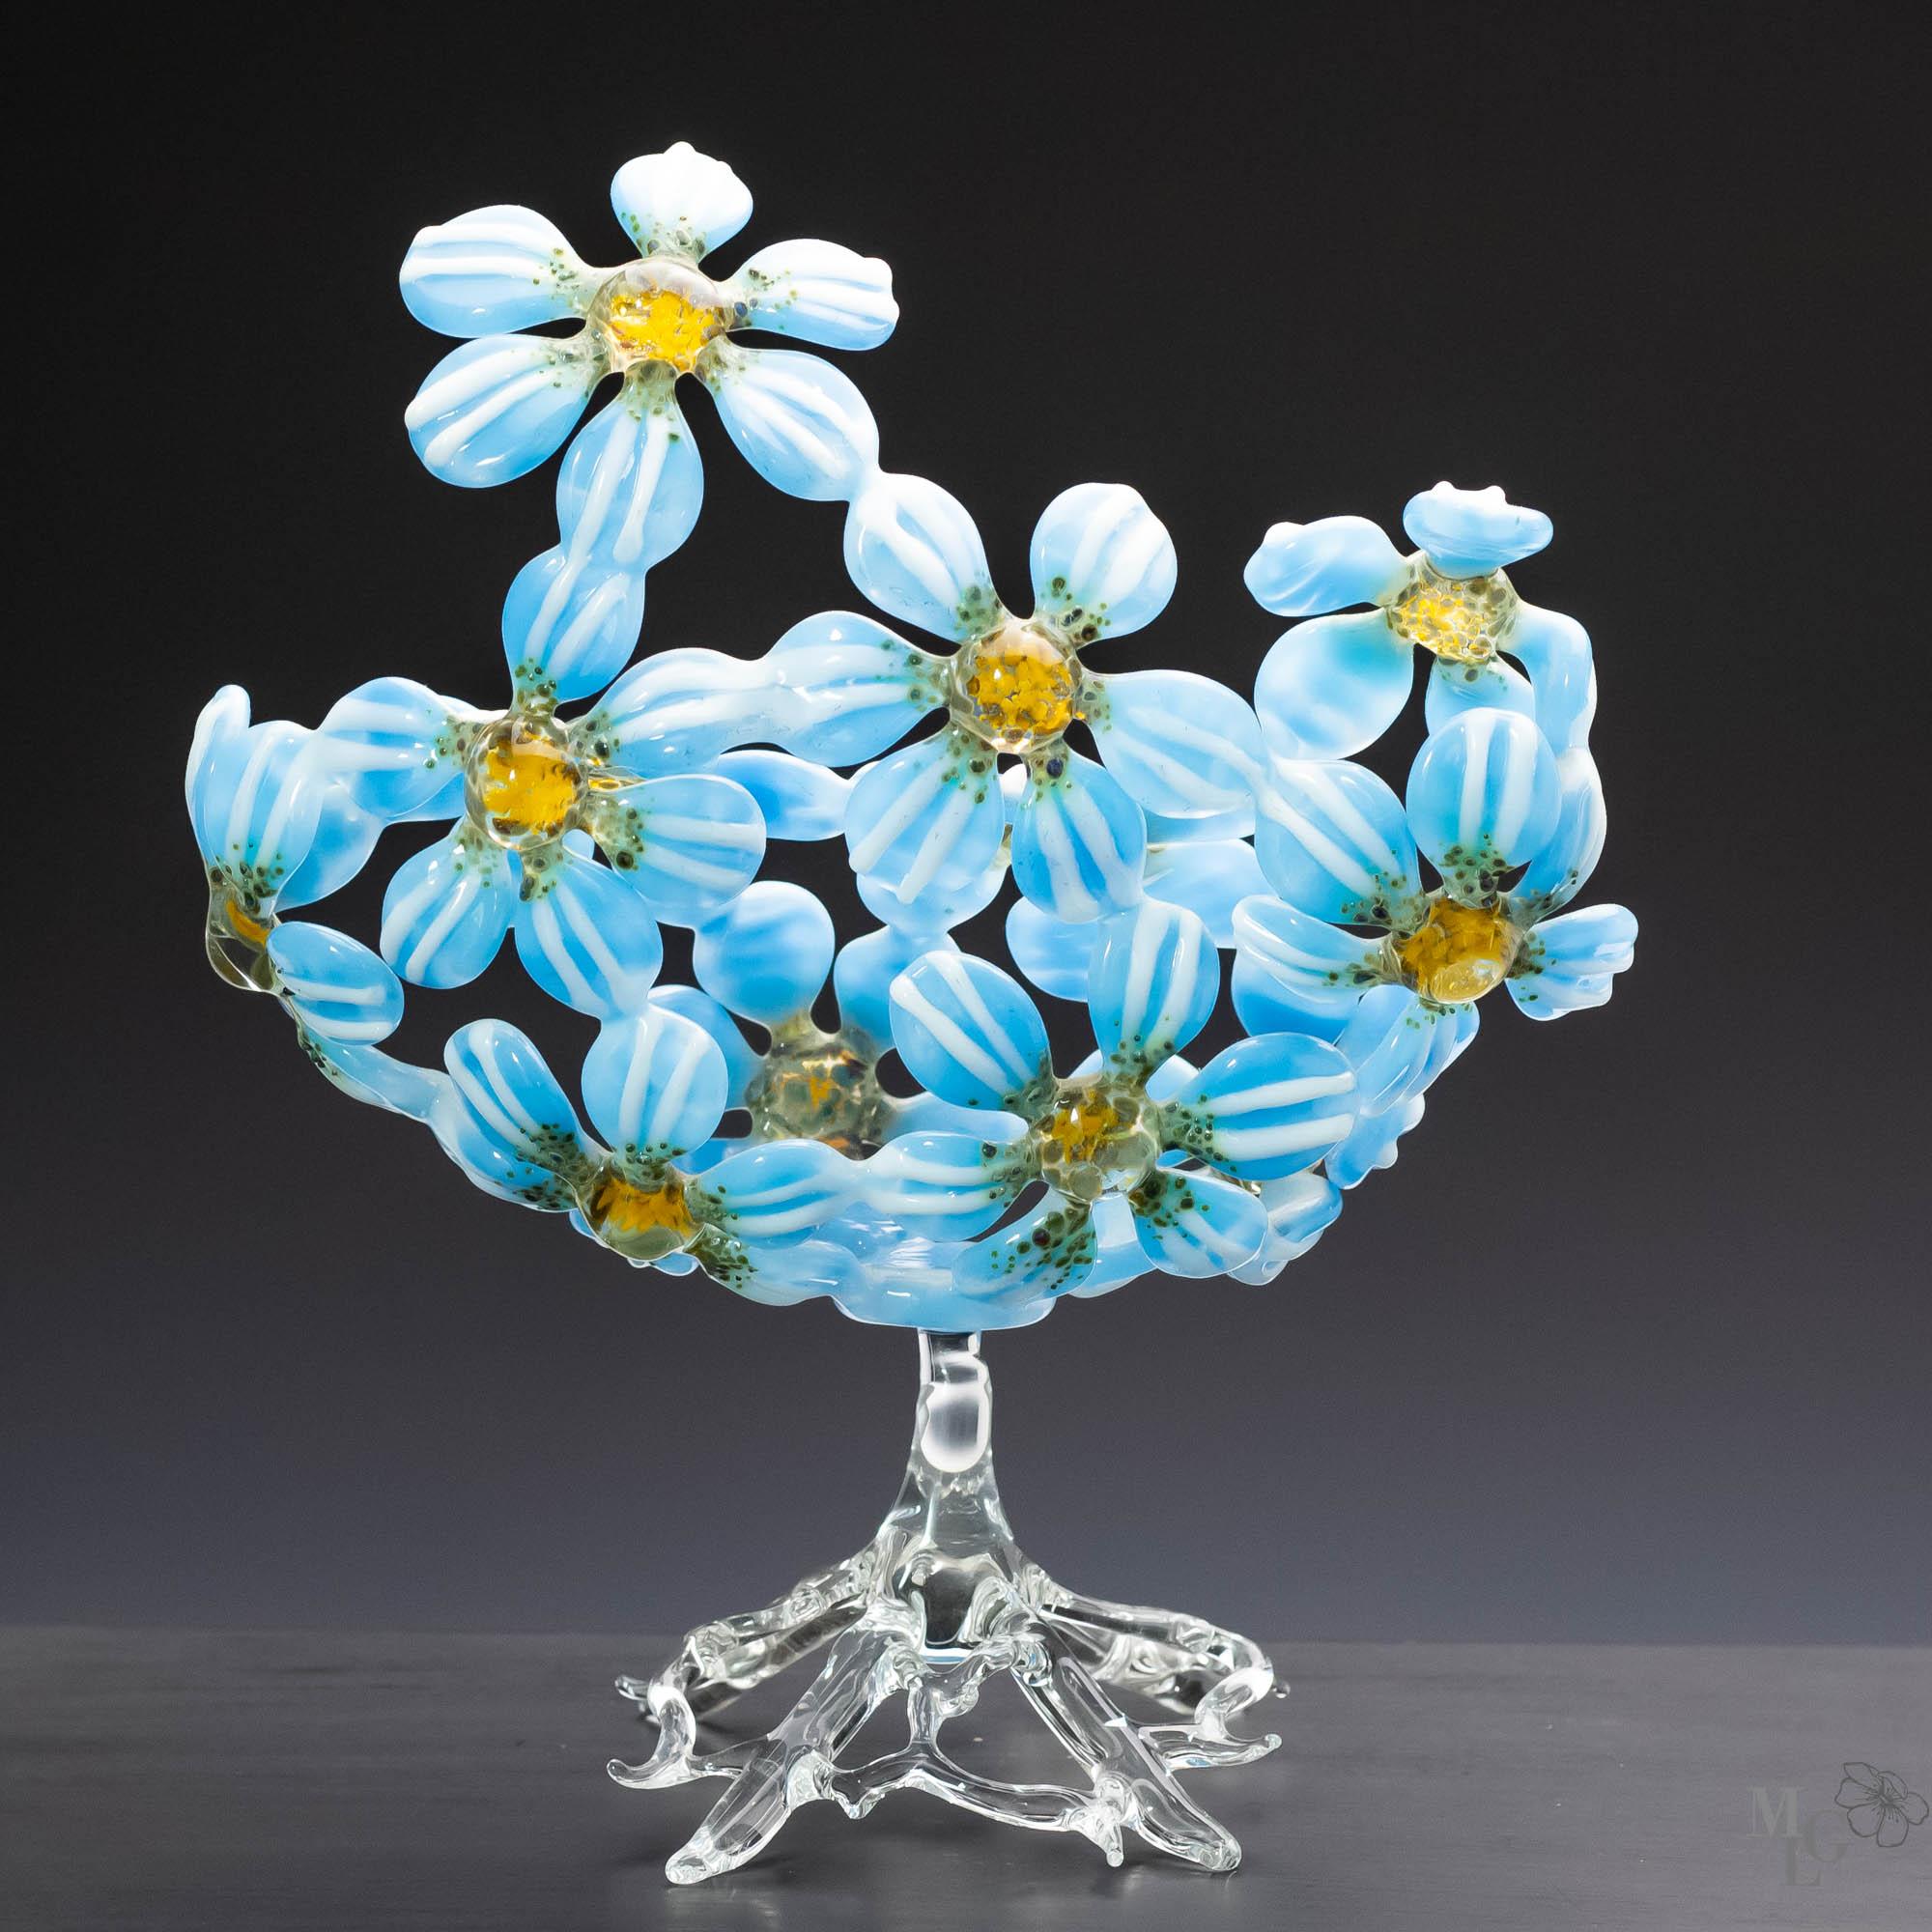 Blue Glass Daisy Sculpture - Contemporary Art Glass